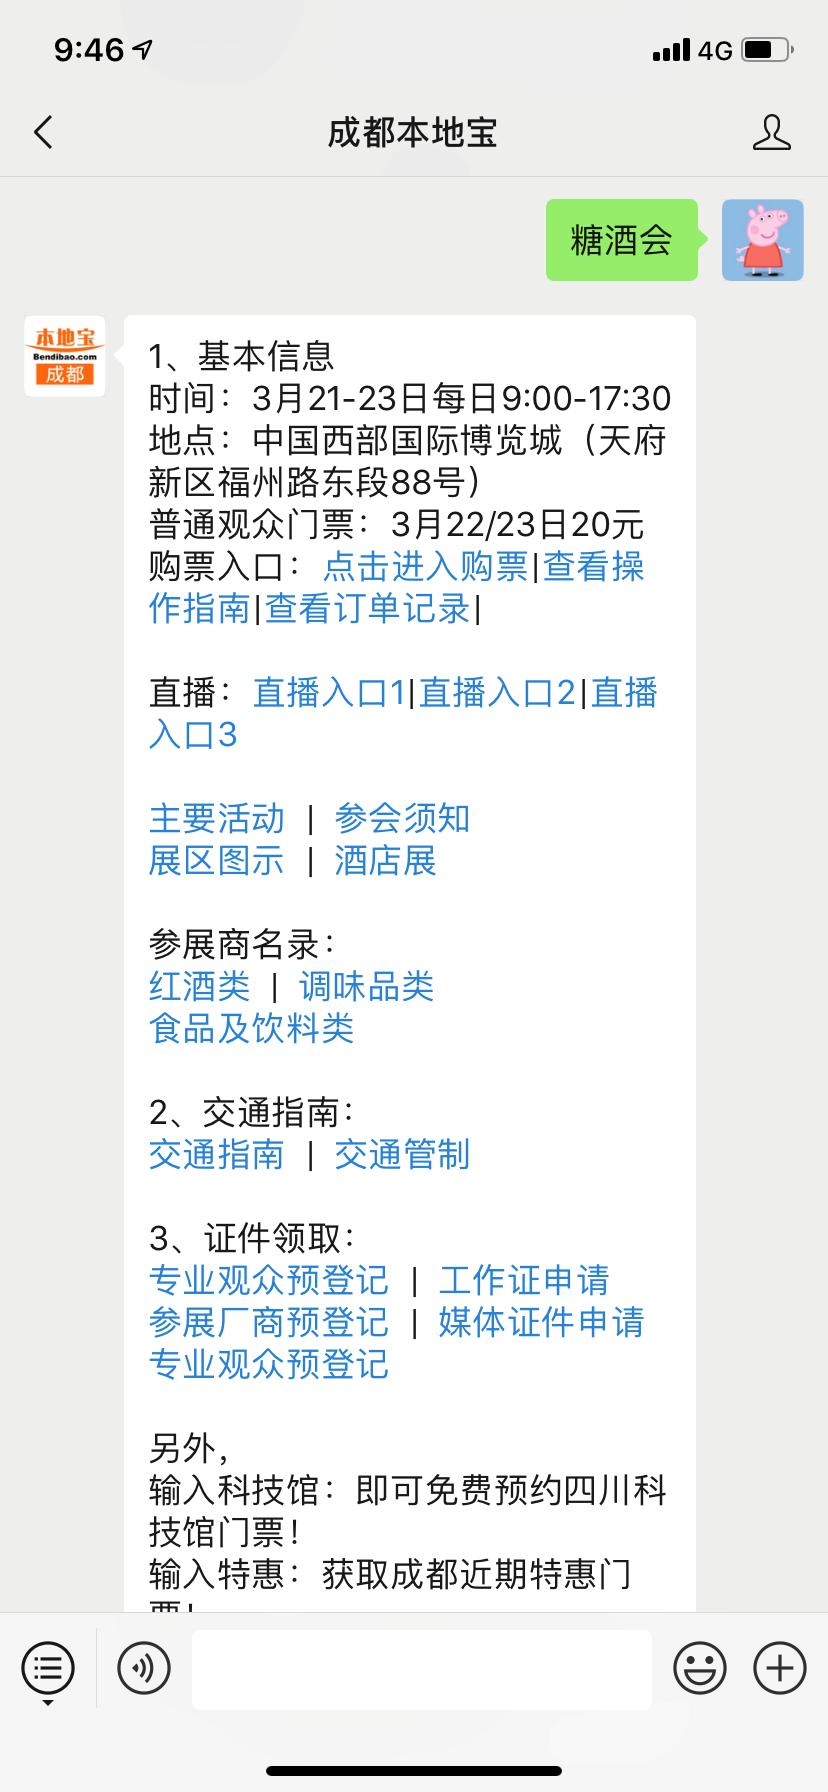 2019成都糖酒会看展攻略(时间 地点)